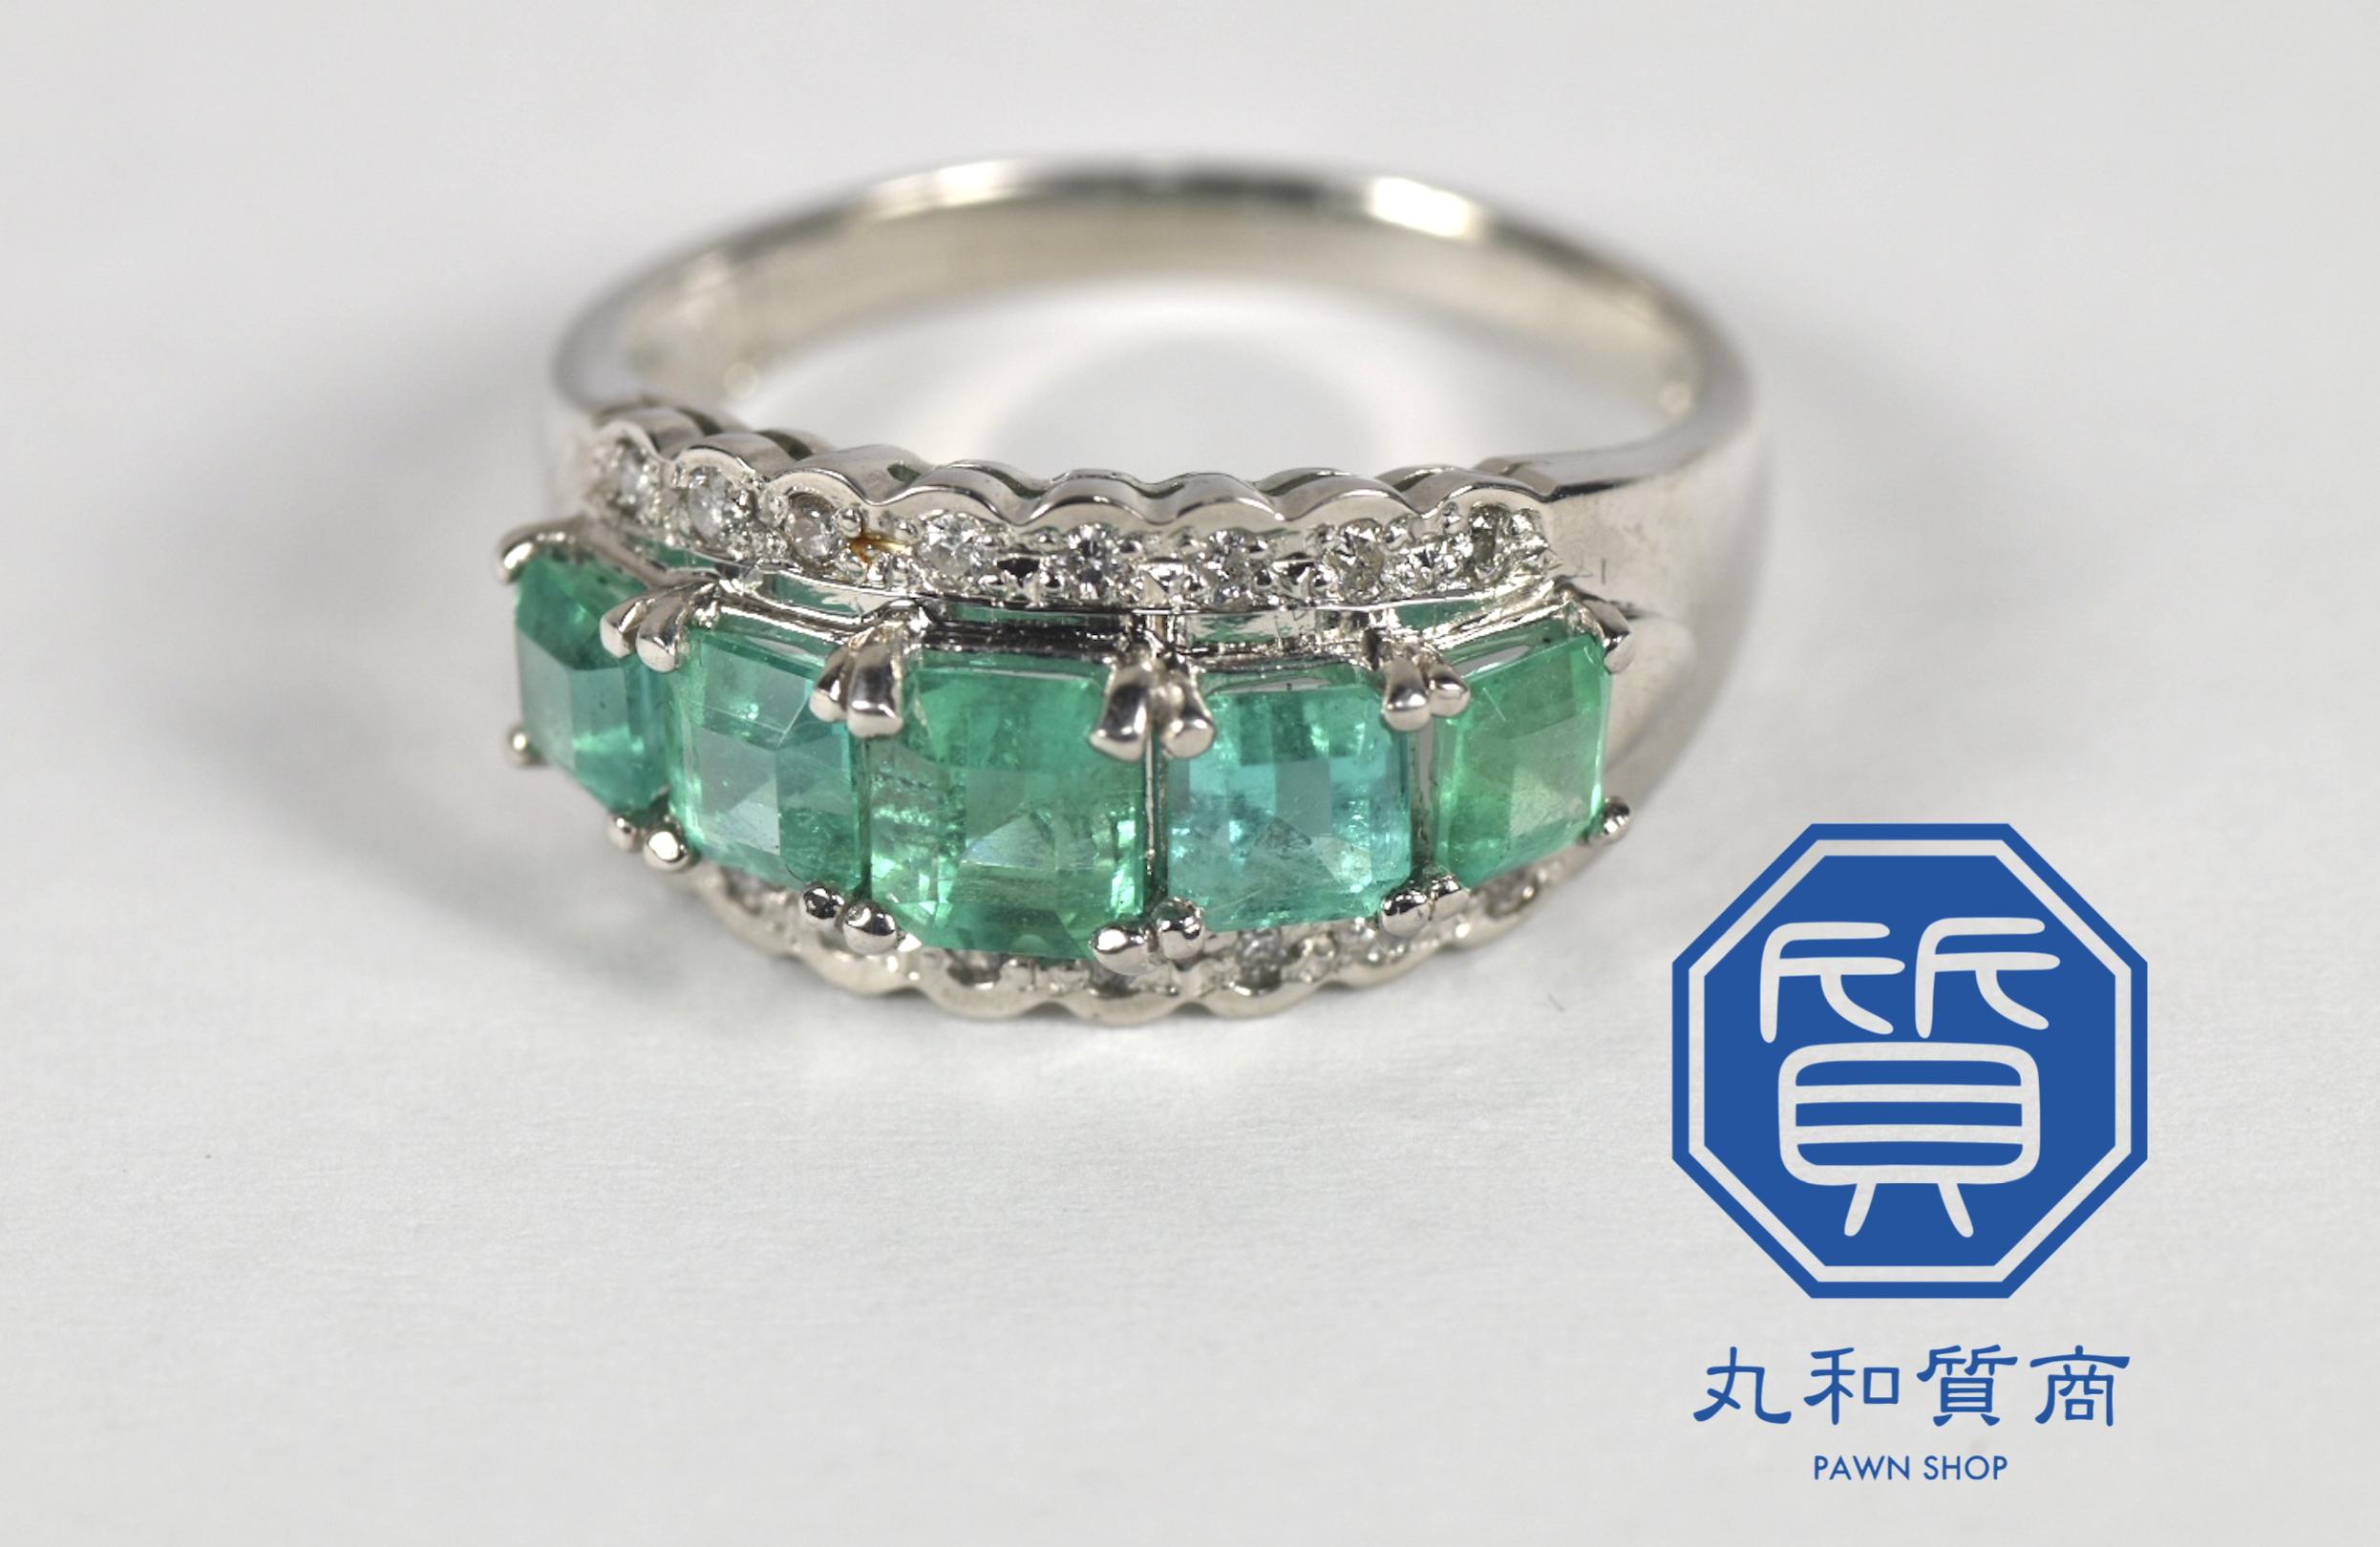 プラチナ(Pt850)エメラルドの指輪・リングをお買取させていただきました。